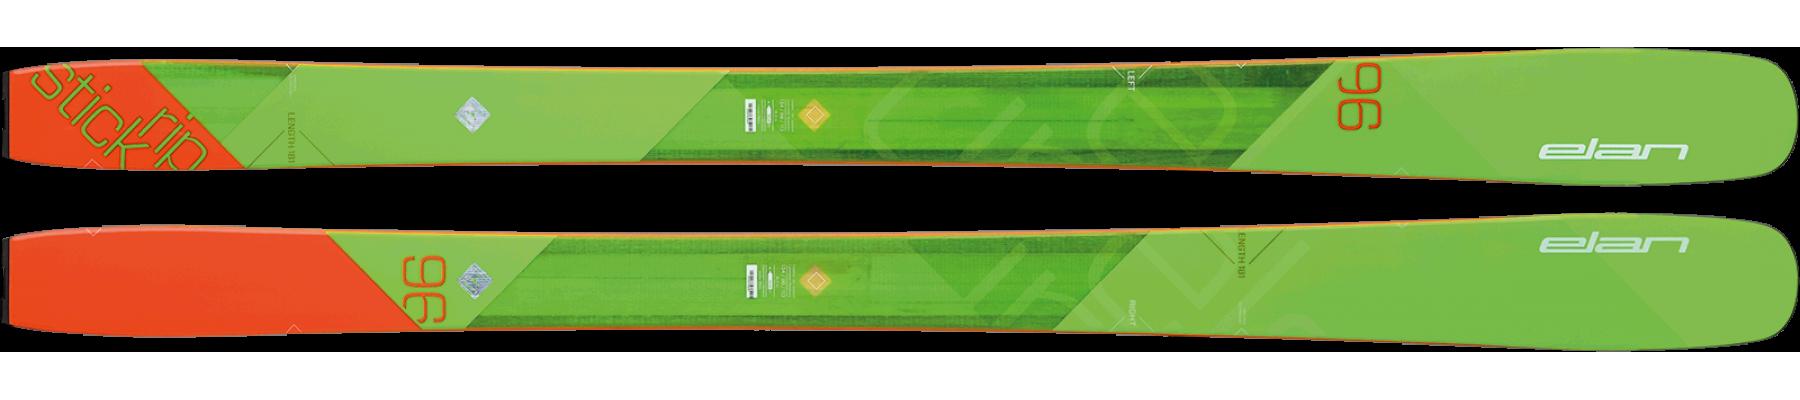 Elan-Ski-RIPSTICK-96